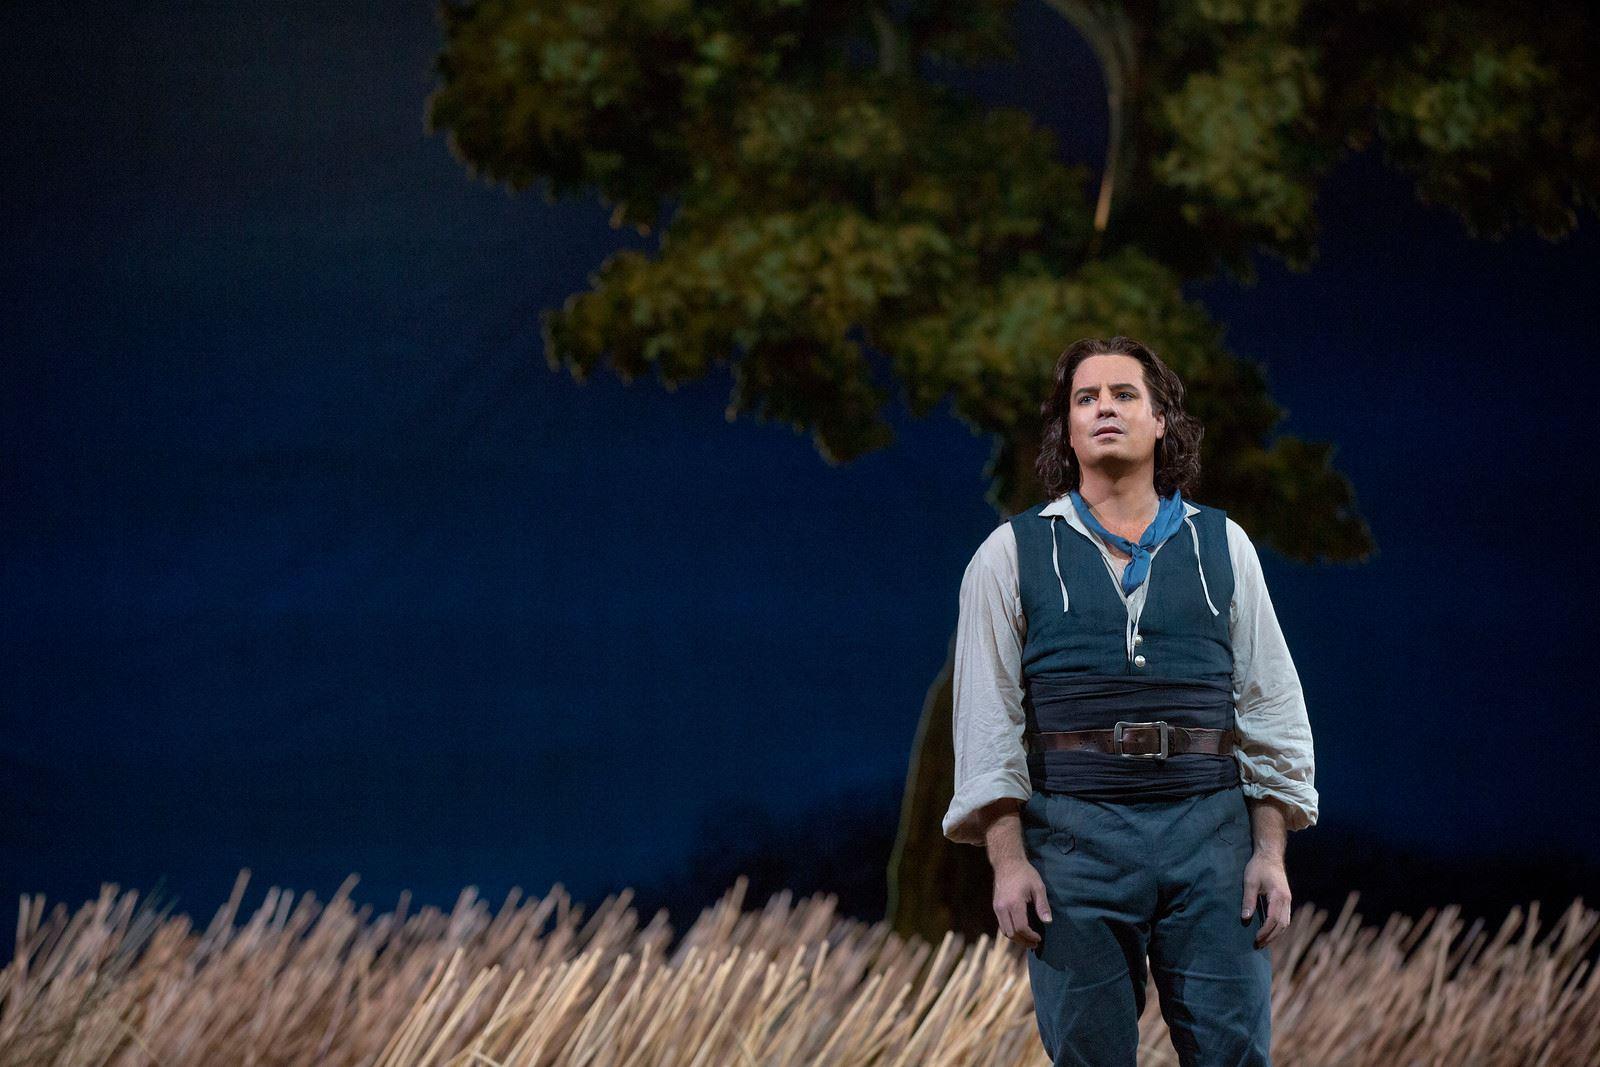 Metropolitan opera live 2018 Kärleksdrycken